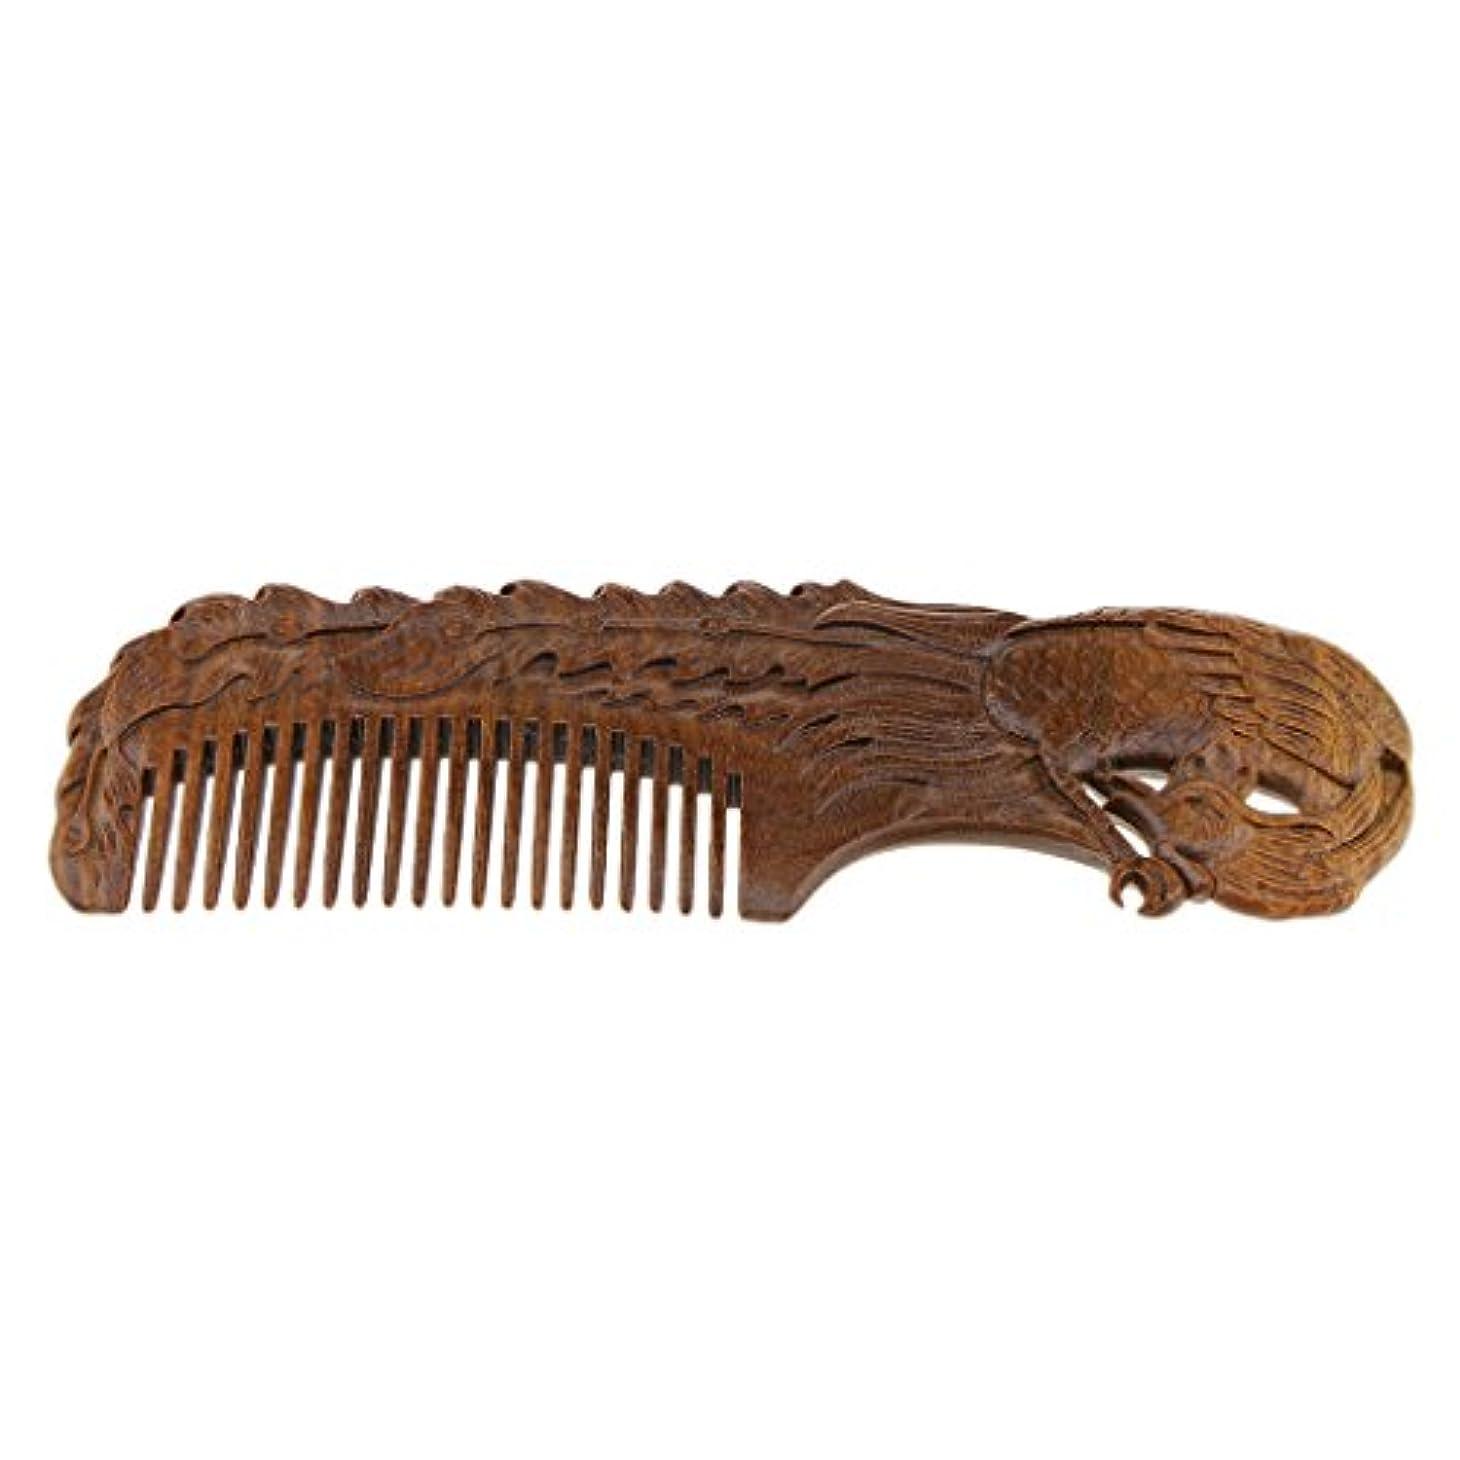 種類南西アソシエイトウッドコーム 木製コーム 木製櫛 ヘアブラシ ヘアコーム 滑らかな歯 頭皮マッサージ 全2種類選択 - Phoenix